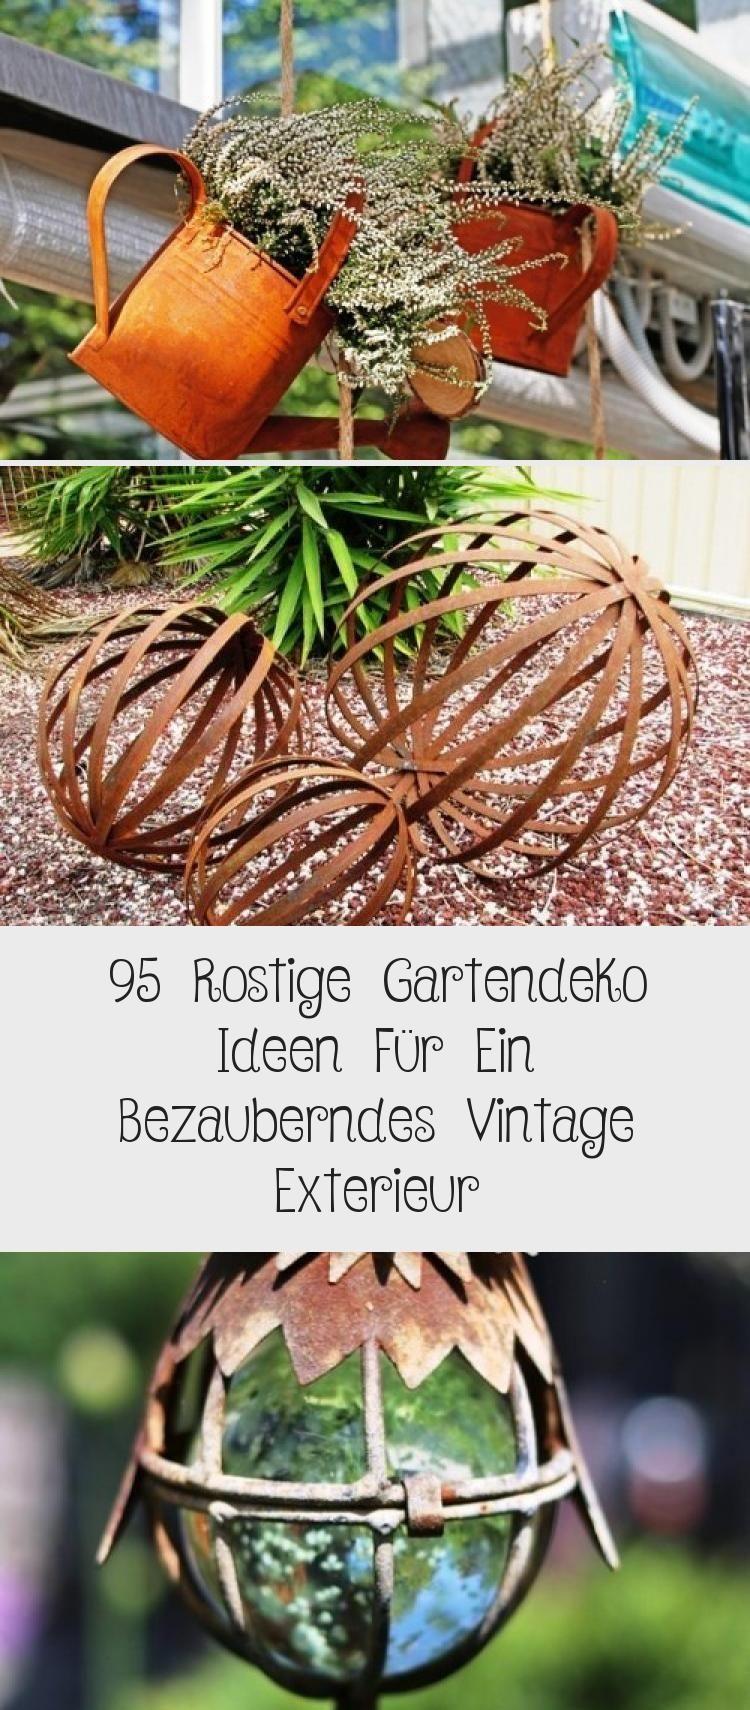 95 Rostige Gartendeko Ideen Für Ein Bezauberndes Vintage ... tout Lino Exterieur